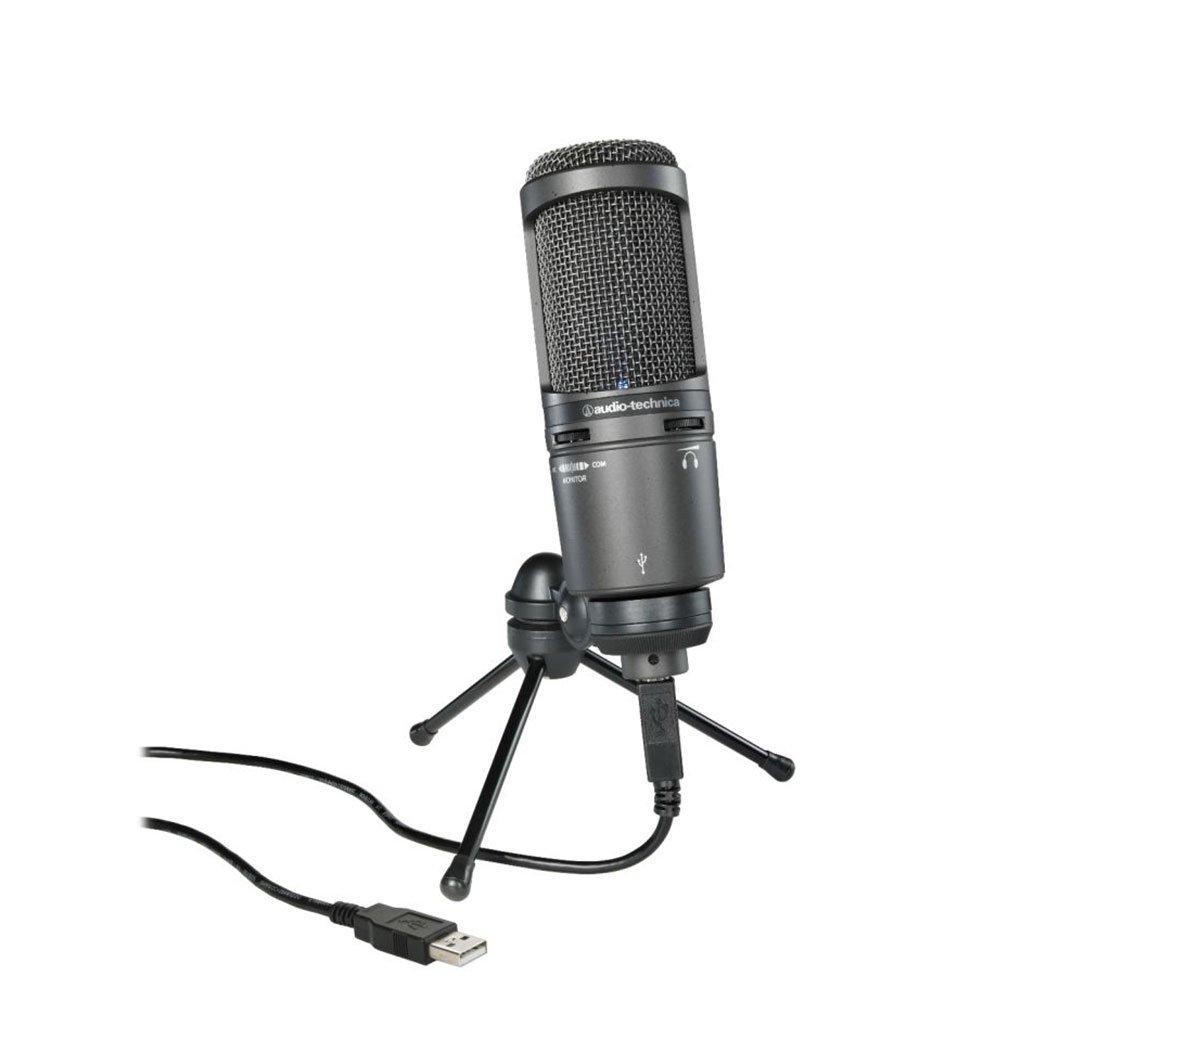 میکروفن Audio-Technica AT2020USB